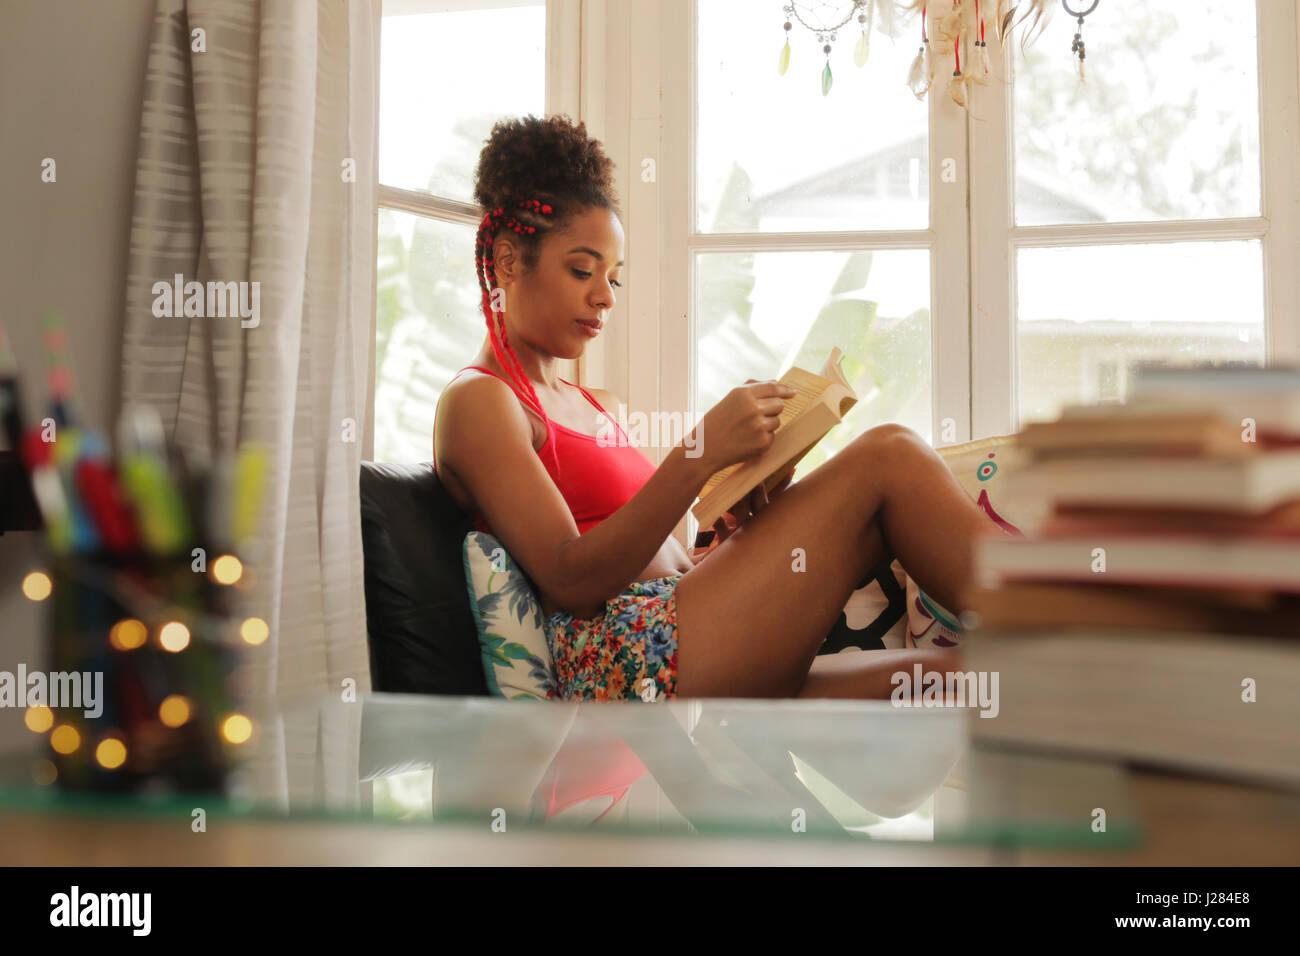 Feliz estudiante libro de lectura y sentarse en el sofá. Joven afroamericana relajantes chica negra, acostado Imagen De Stock